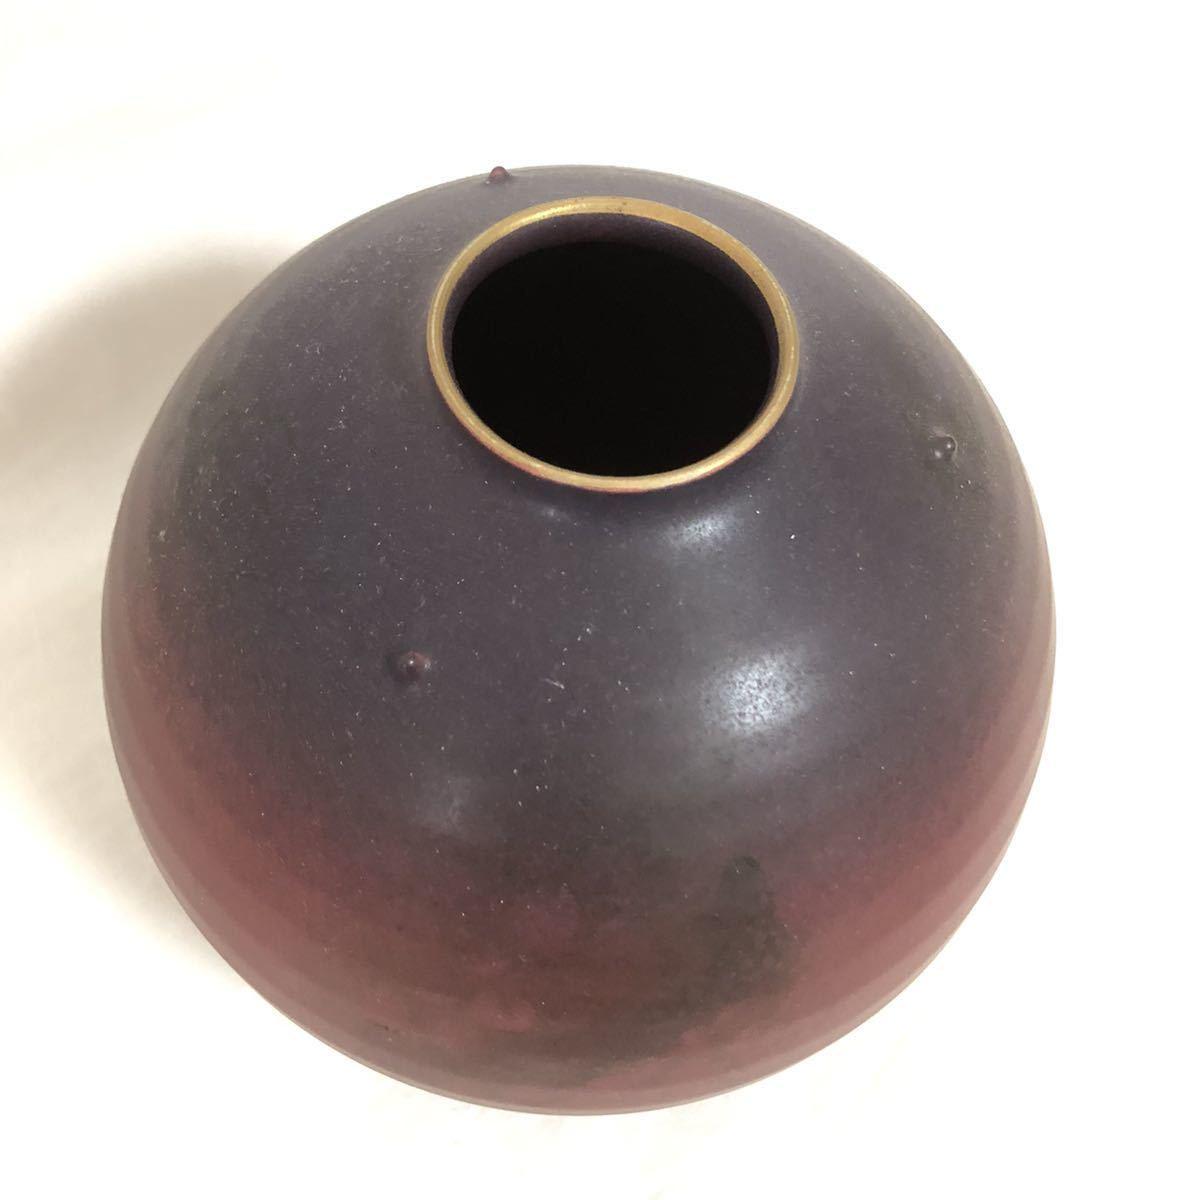 ★1円スタート!! オススメ!! ★ 花瓶 壺 ツボ 花 置物 インテリア 陶芸 陶器 土器 陶磁器 工芸品 口直径約4.4cm 胴回り約54cm 高さ約16cm